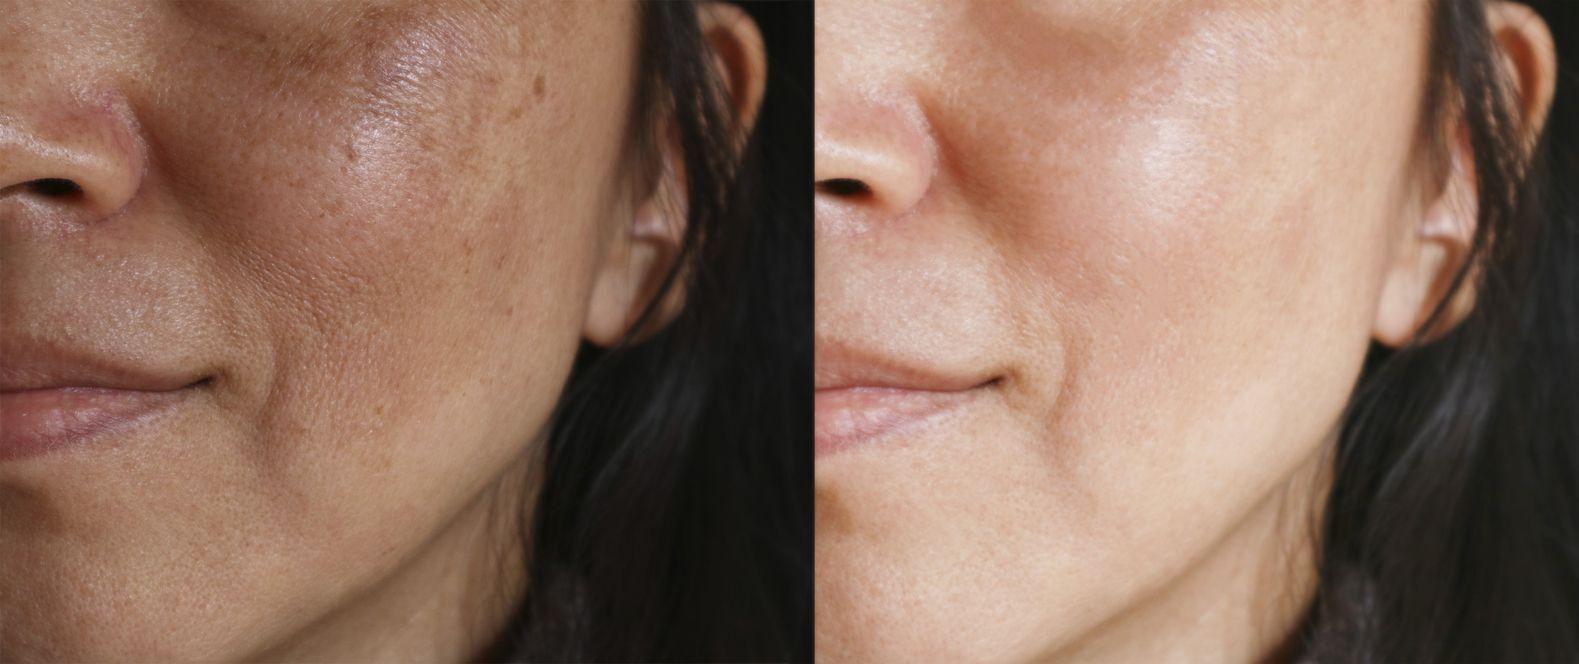 antes e depois do rosto de uma mulher após o tratamento para melasma